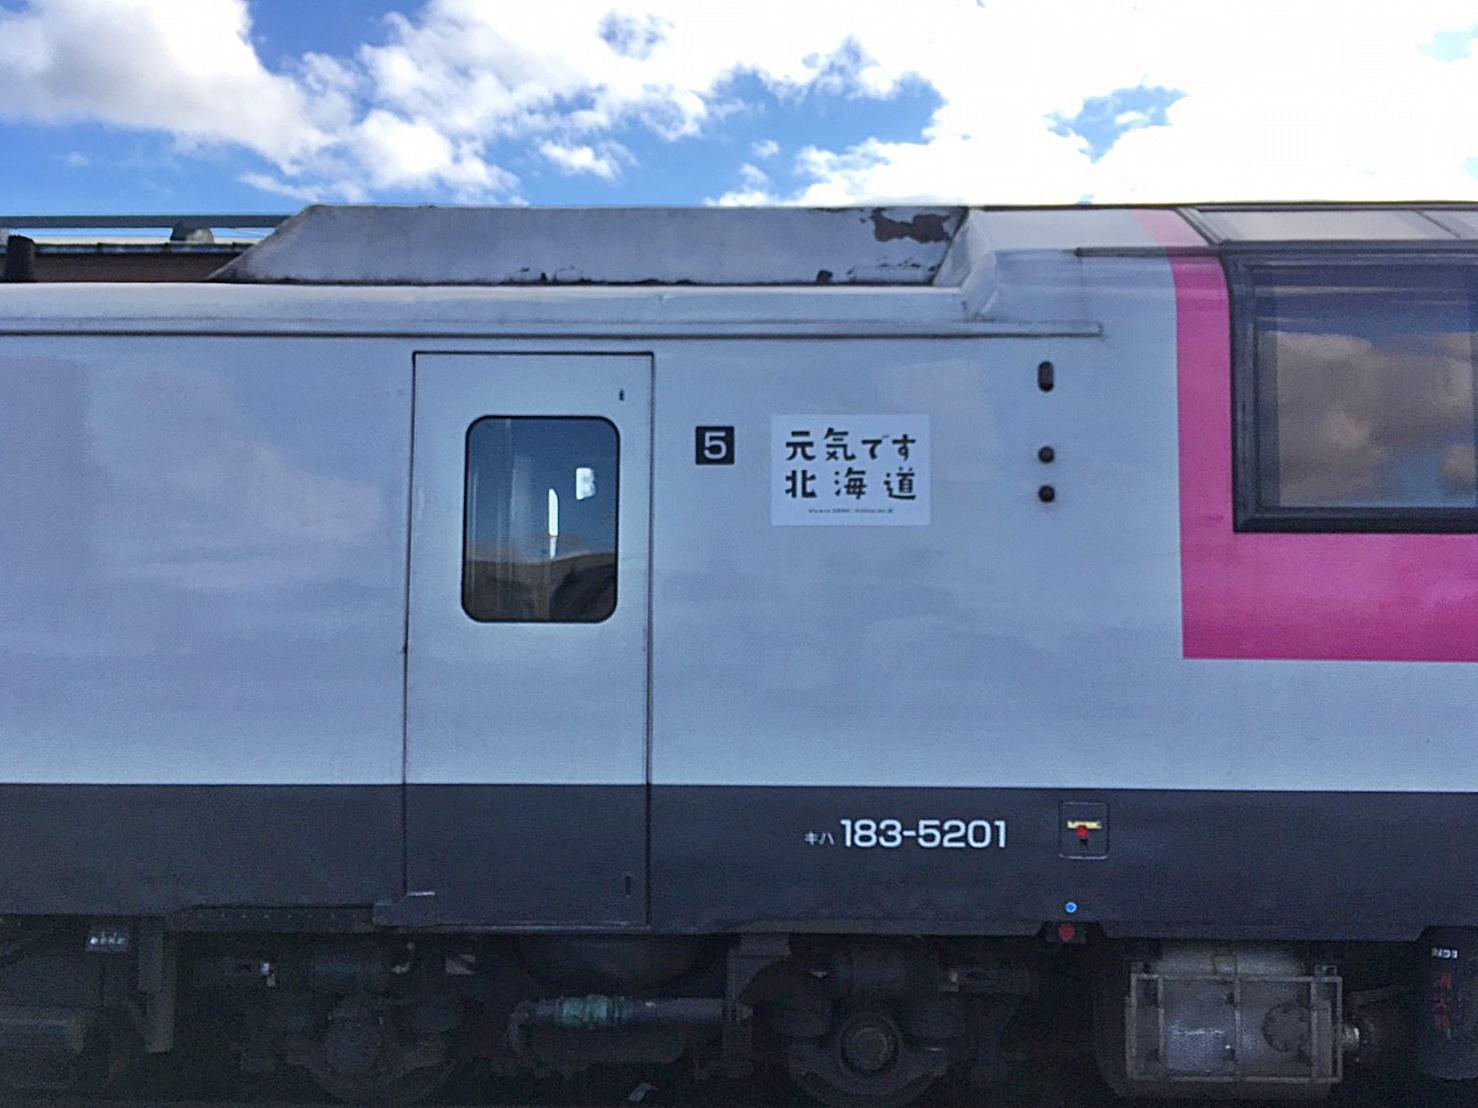 ノースレインボーエクスプレス 元気です 北海道号 余市駅 ステッカー_181117.JPG